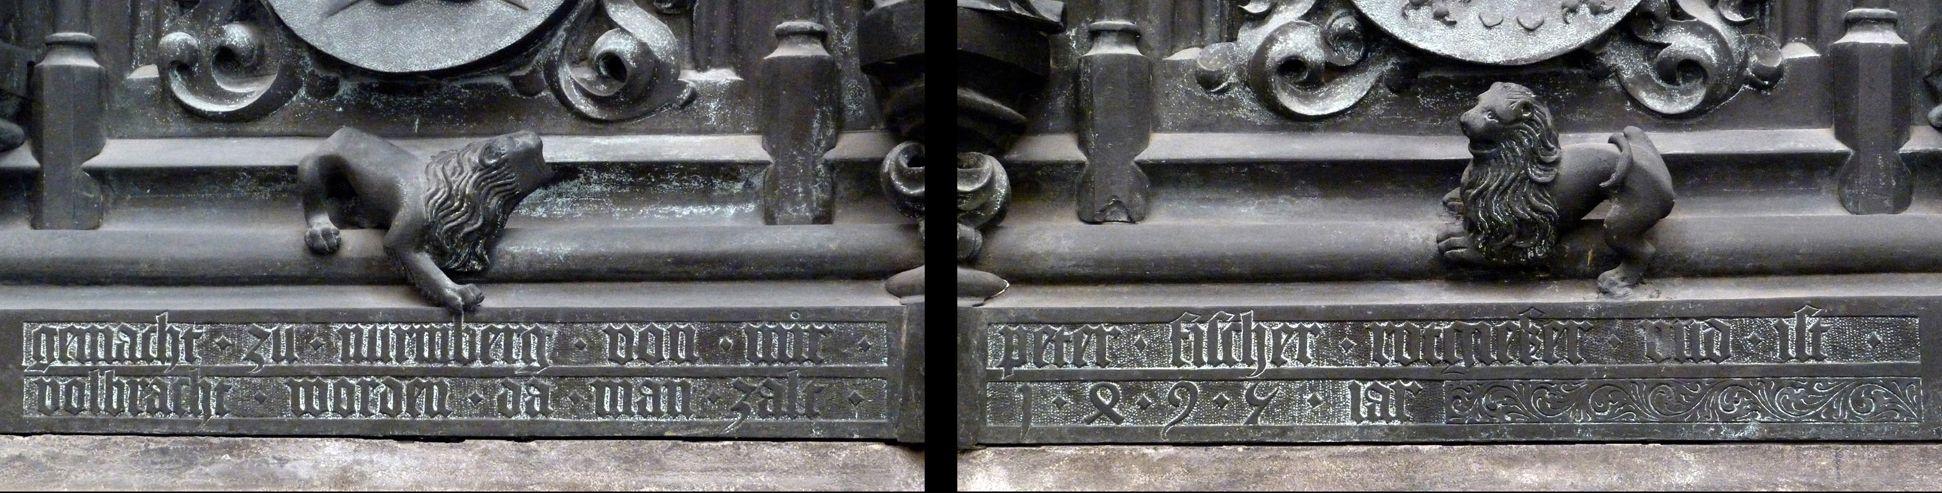 """Tumba des Erzbischofs Ernst von Sachsen Tumba, Ostfront - Zusammensetzung der Sockelinschrift: """"gemacht . zu . nurnberg . von . mir . peter . fischer . rotgießer . und . ist . vollbracht . worden . da . man . zalt (=zählt) . 1495 . iar (=Jahr)"""""""